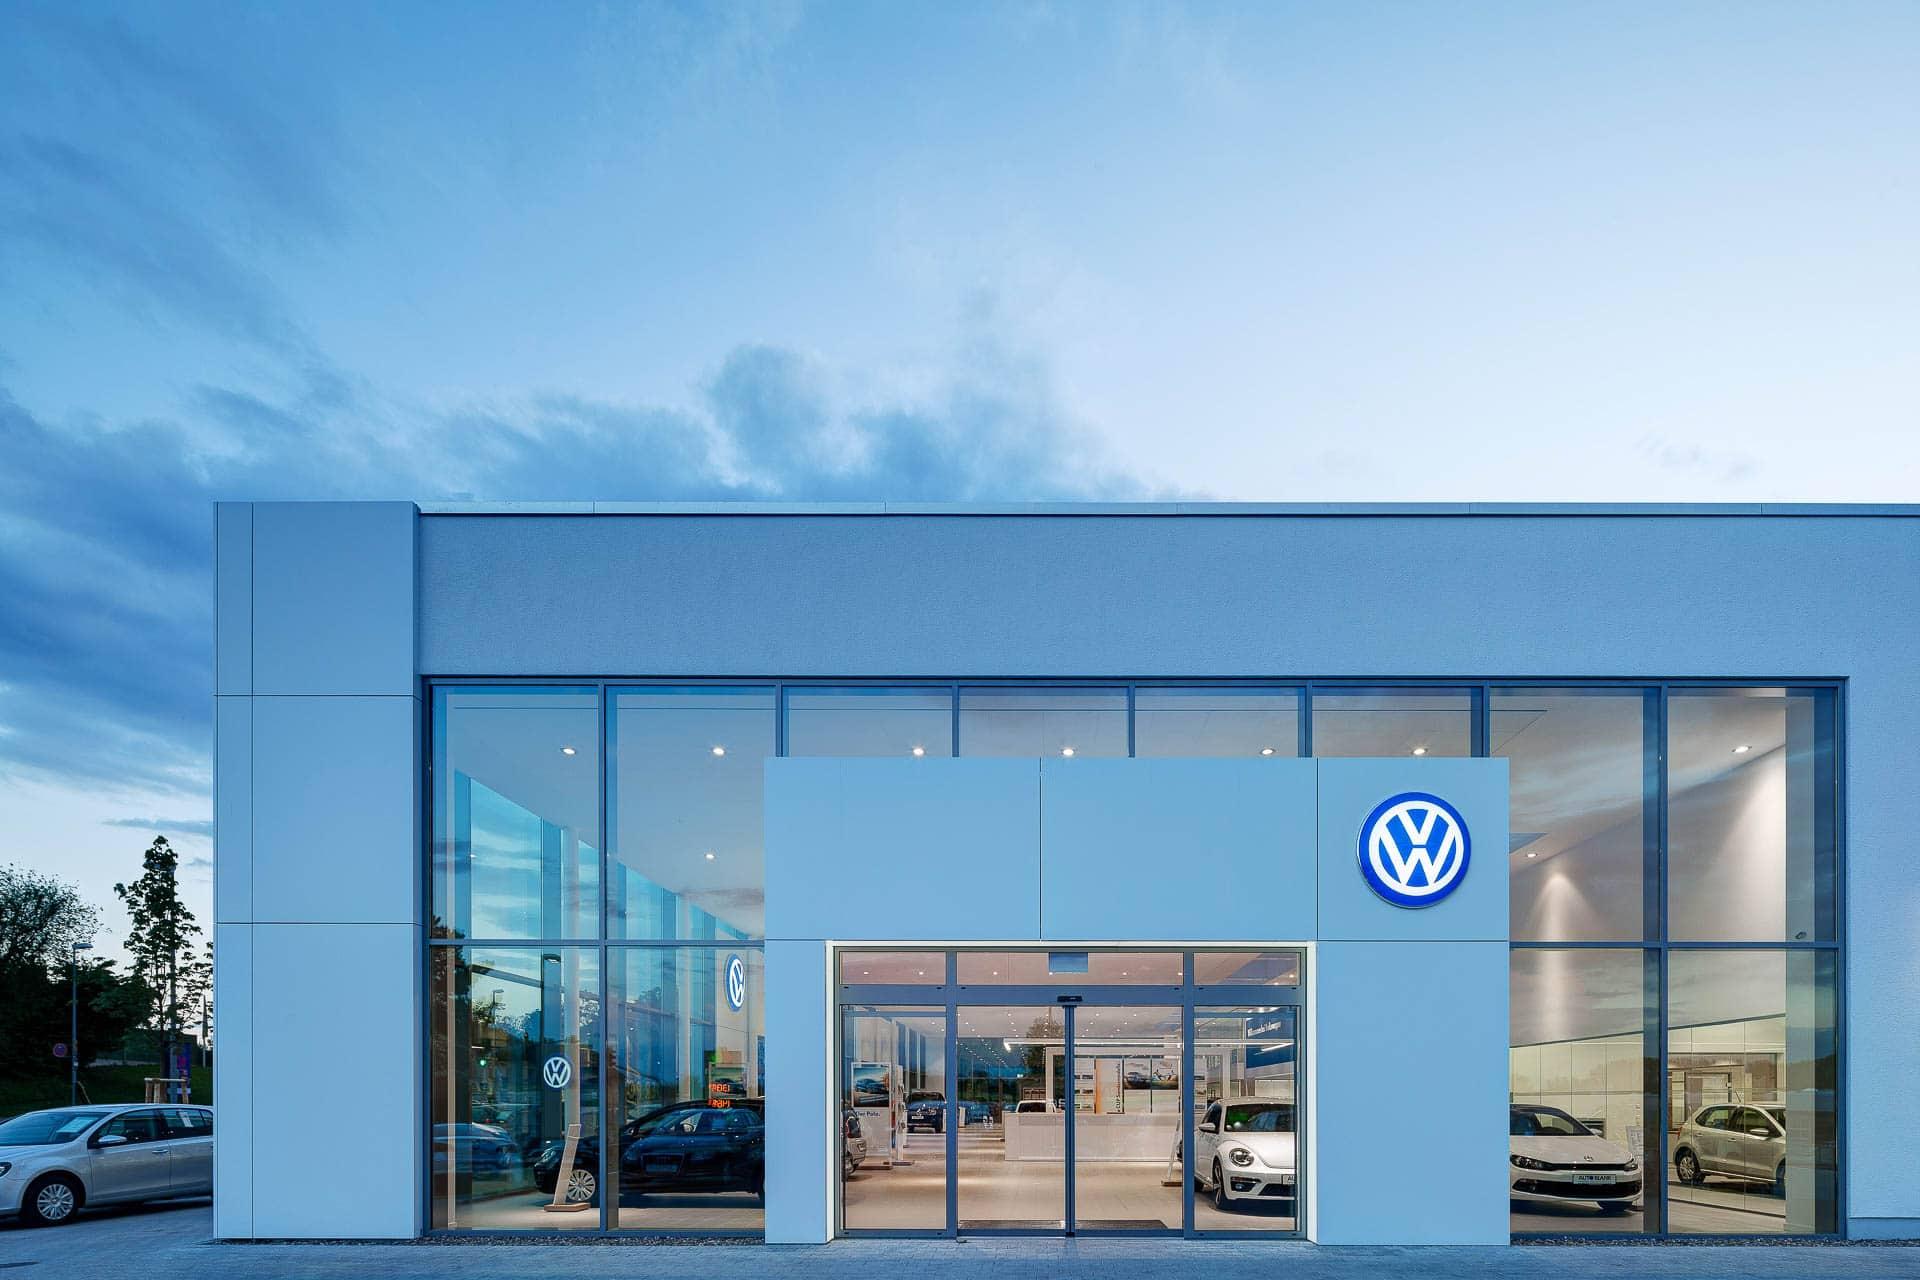 Autohaus Fotografie: Professionelle Innenarchitekturfotografie im VW- Autohaus